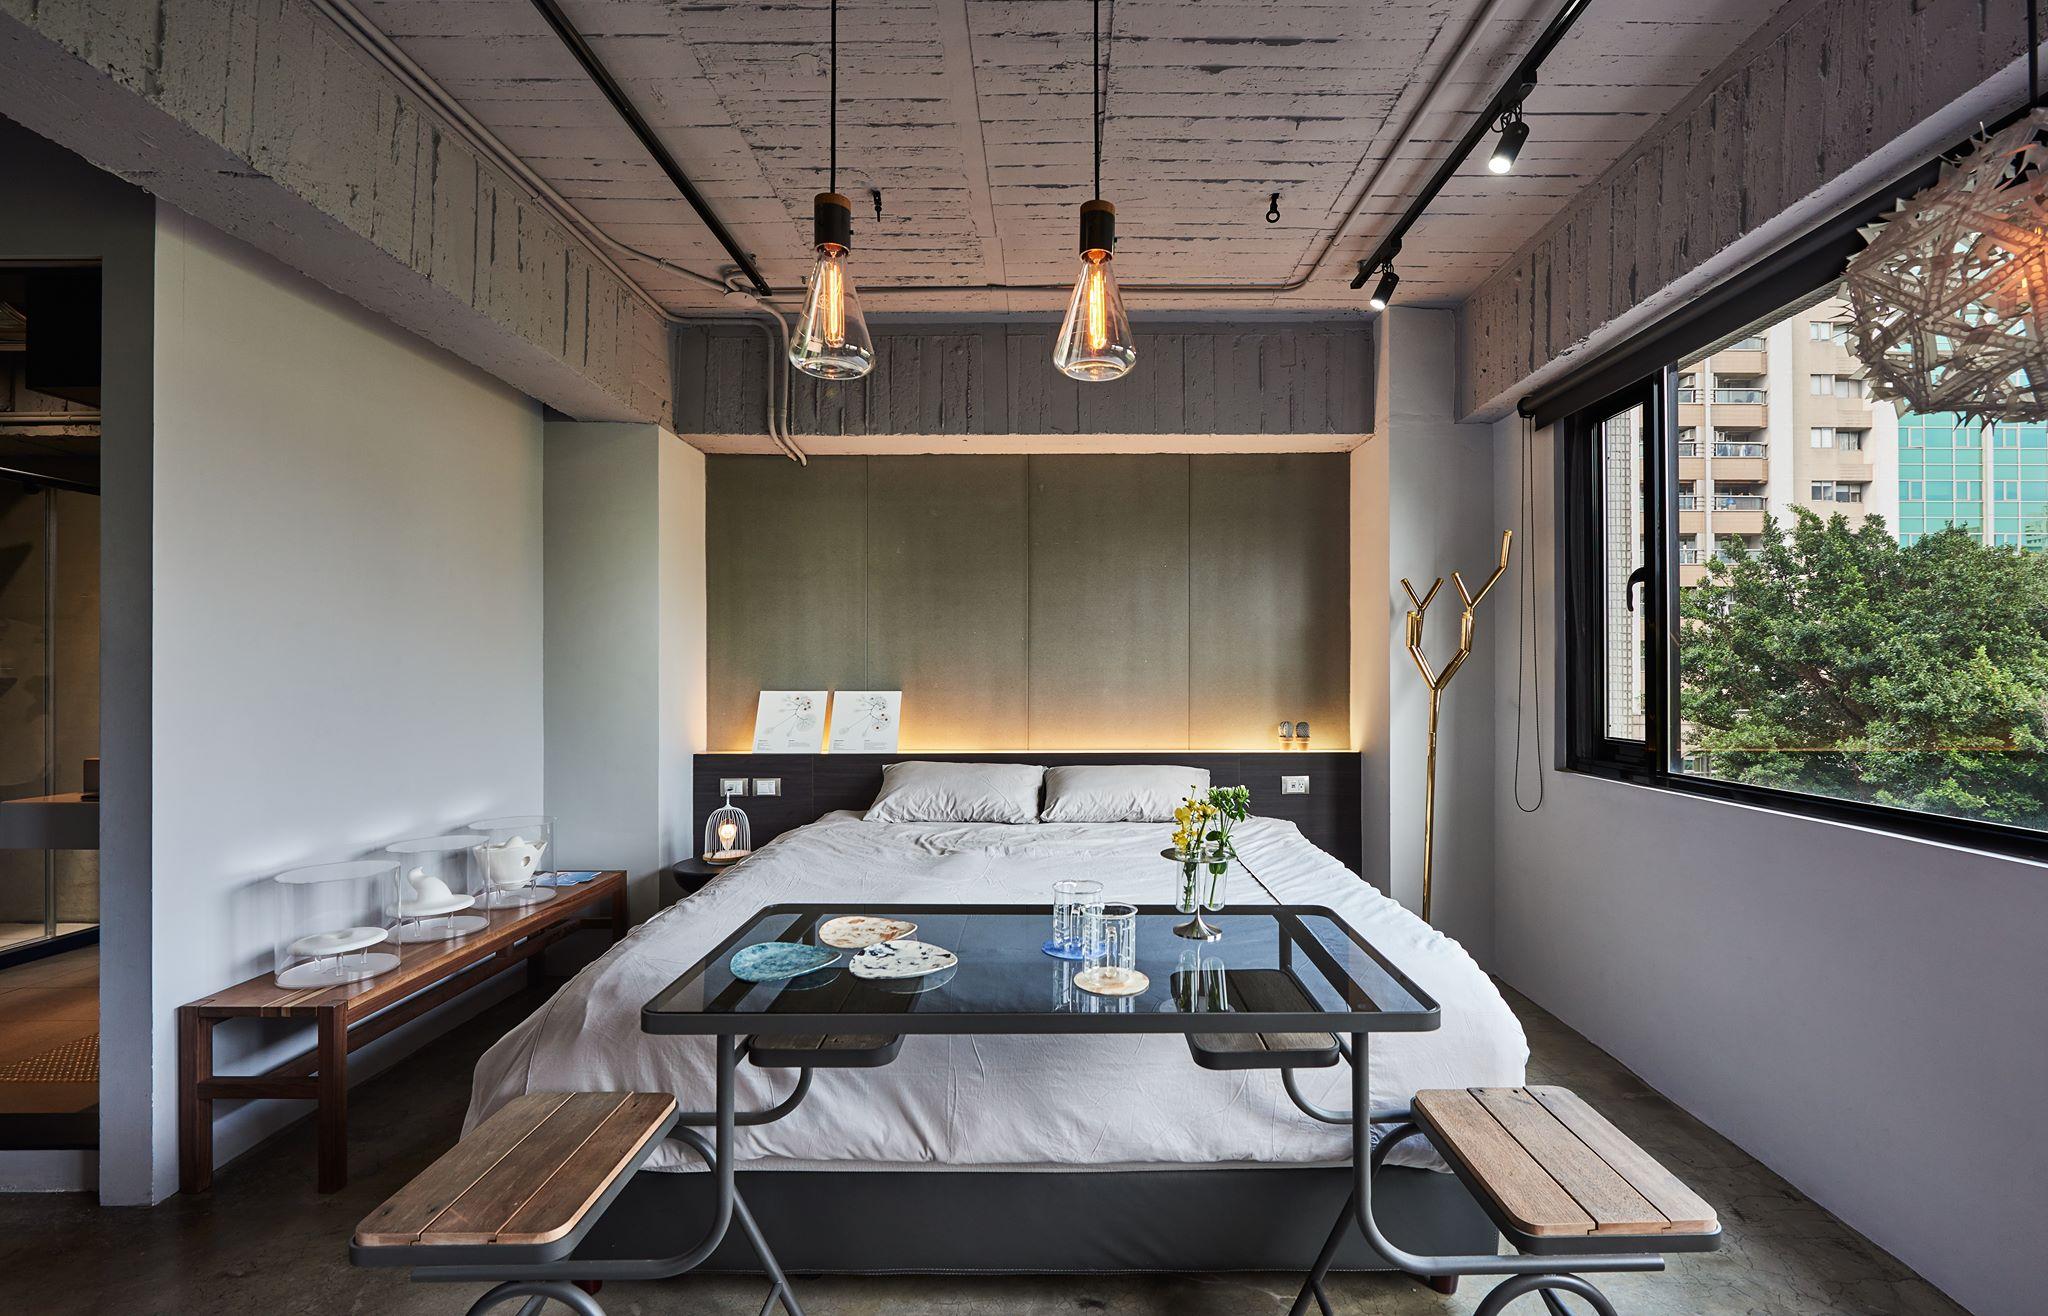 Play design hotel datong accommodation herenow taipei for Design hotel okinawa